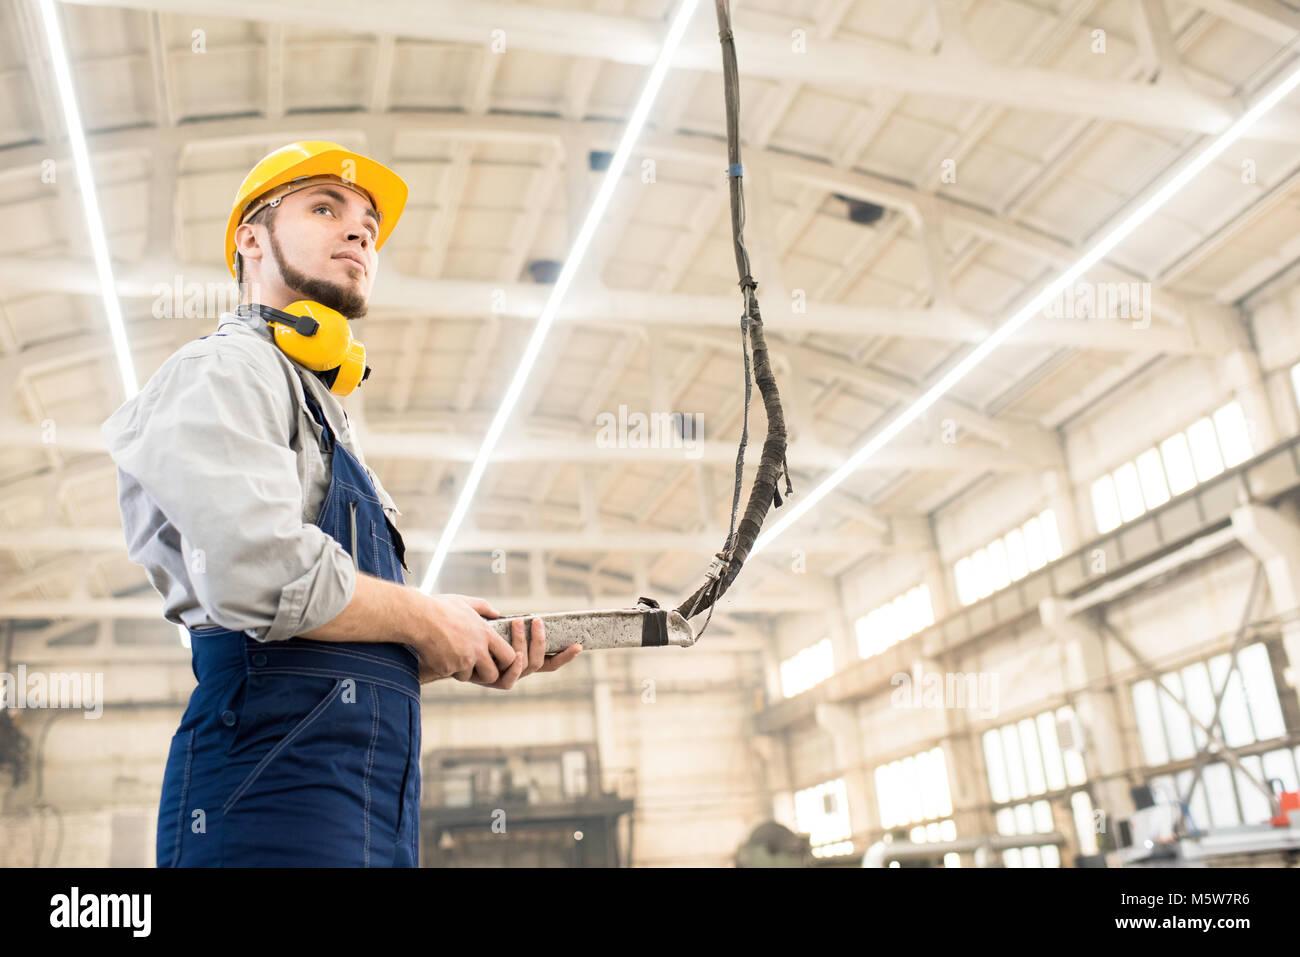 Basso angolo vista del barbuto operatore della macchina indossando complessiva e casco di protezione avvolti in Immagini Stock